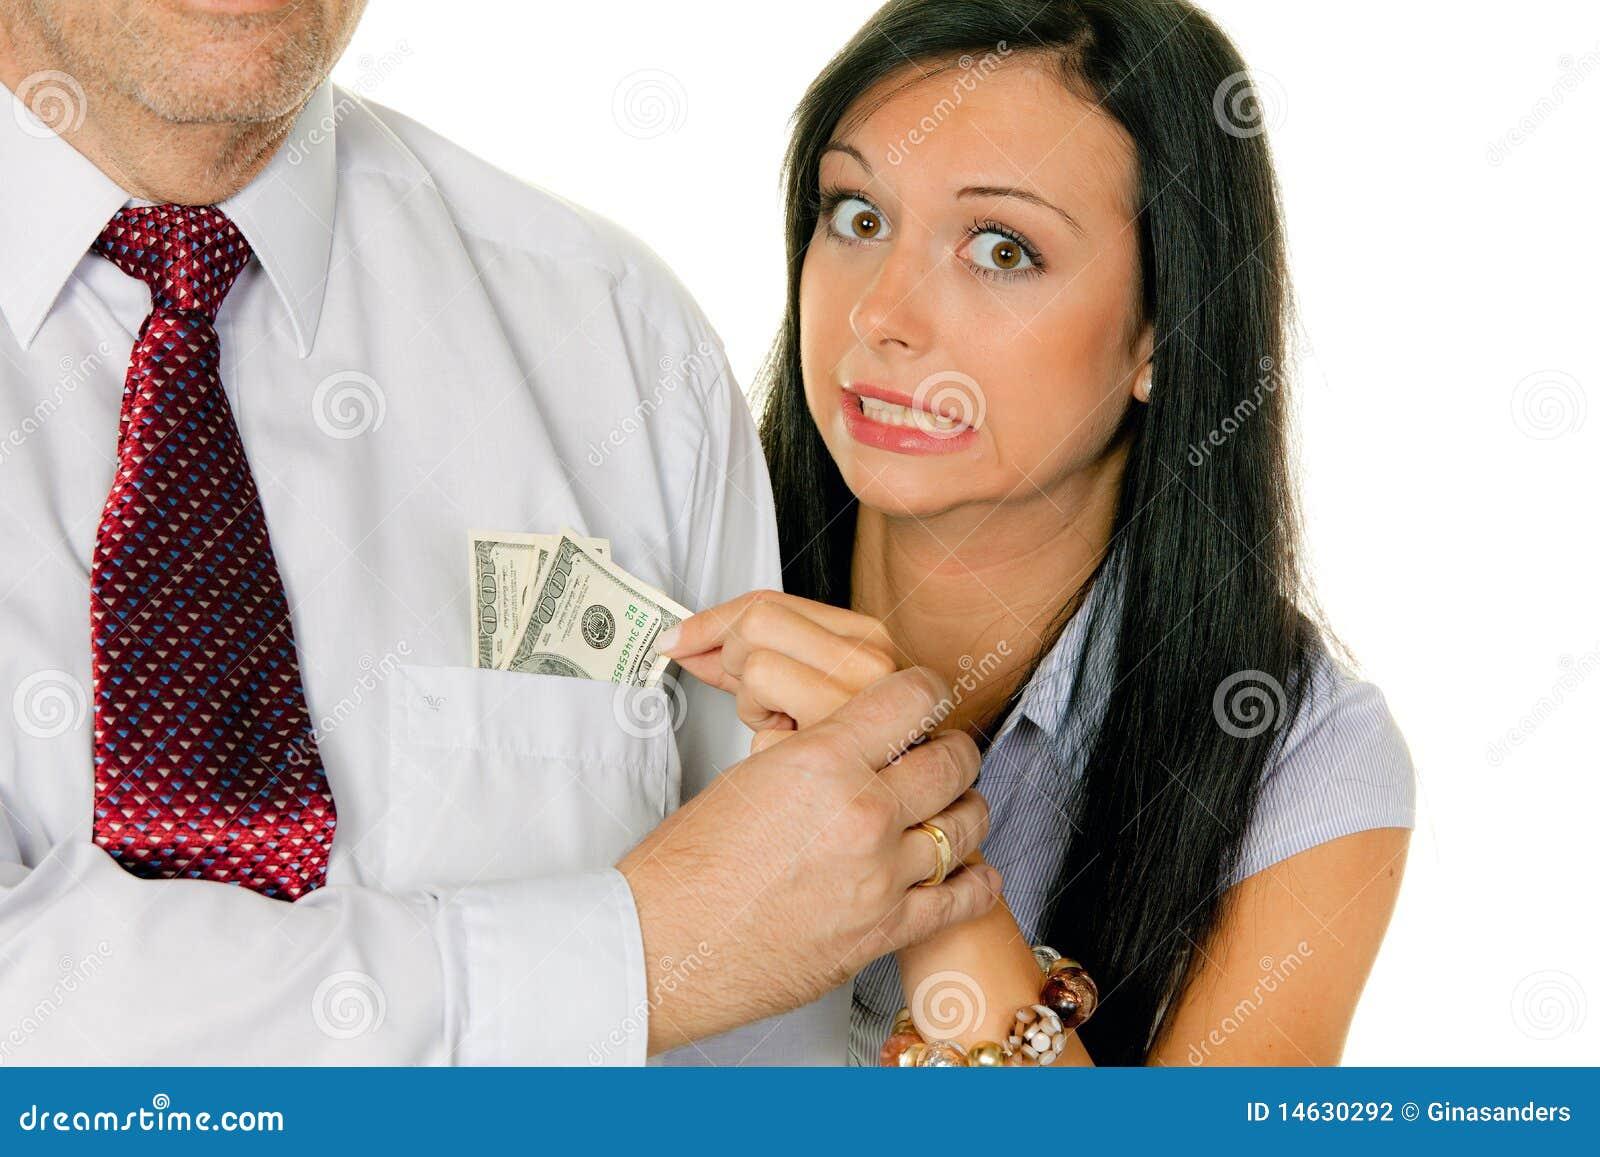 Проститутка как зарабатывает деньги 4 фотография